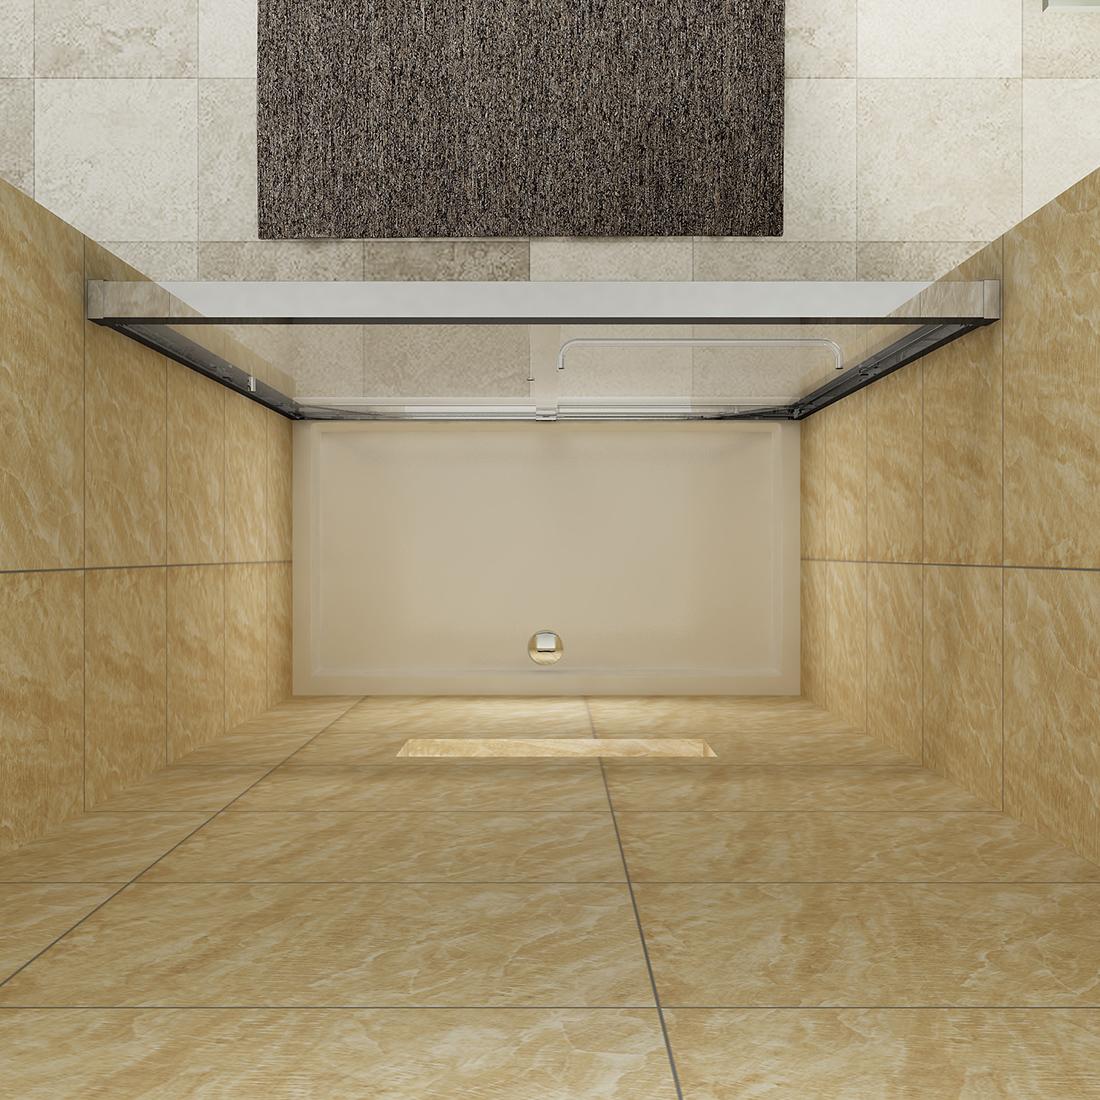 Sunny Shower Semi Frameless Bypass Sliding Shower Doors 60